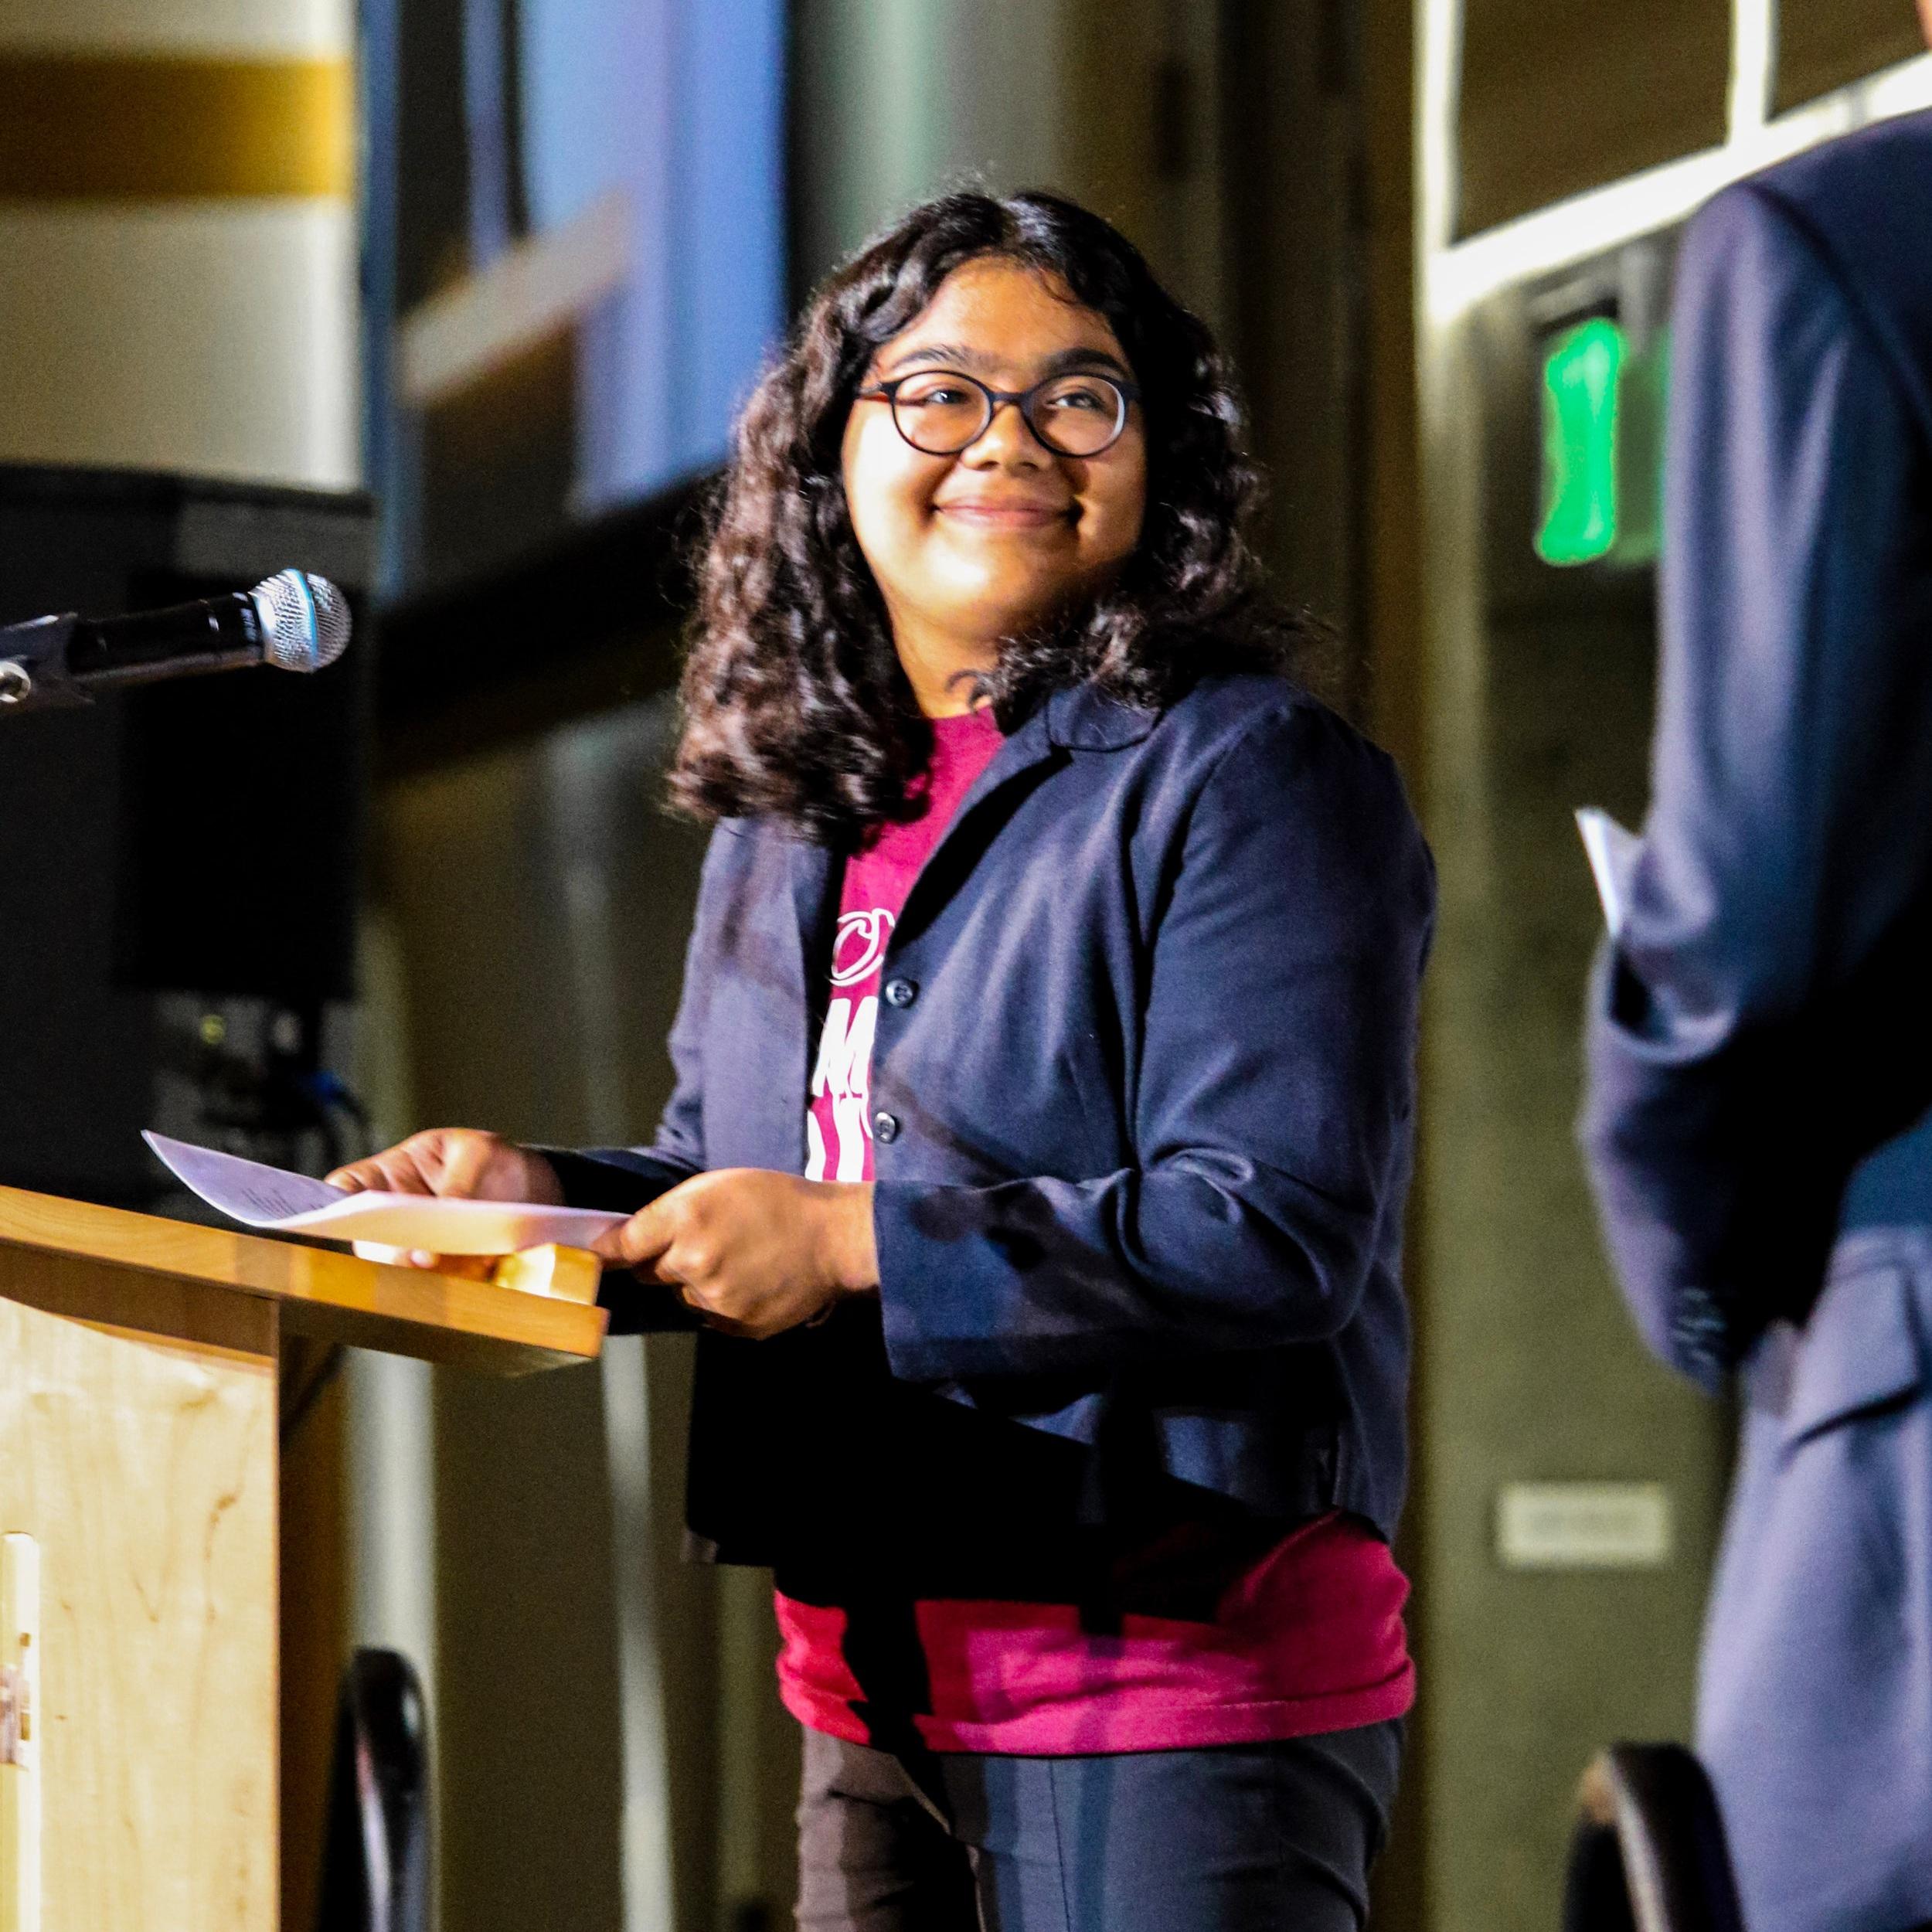 Scholarship recipient, Liliana Morales -